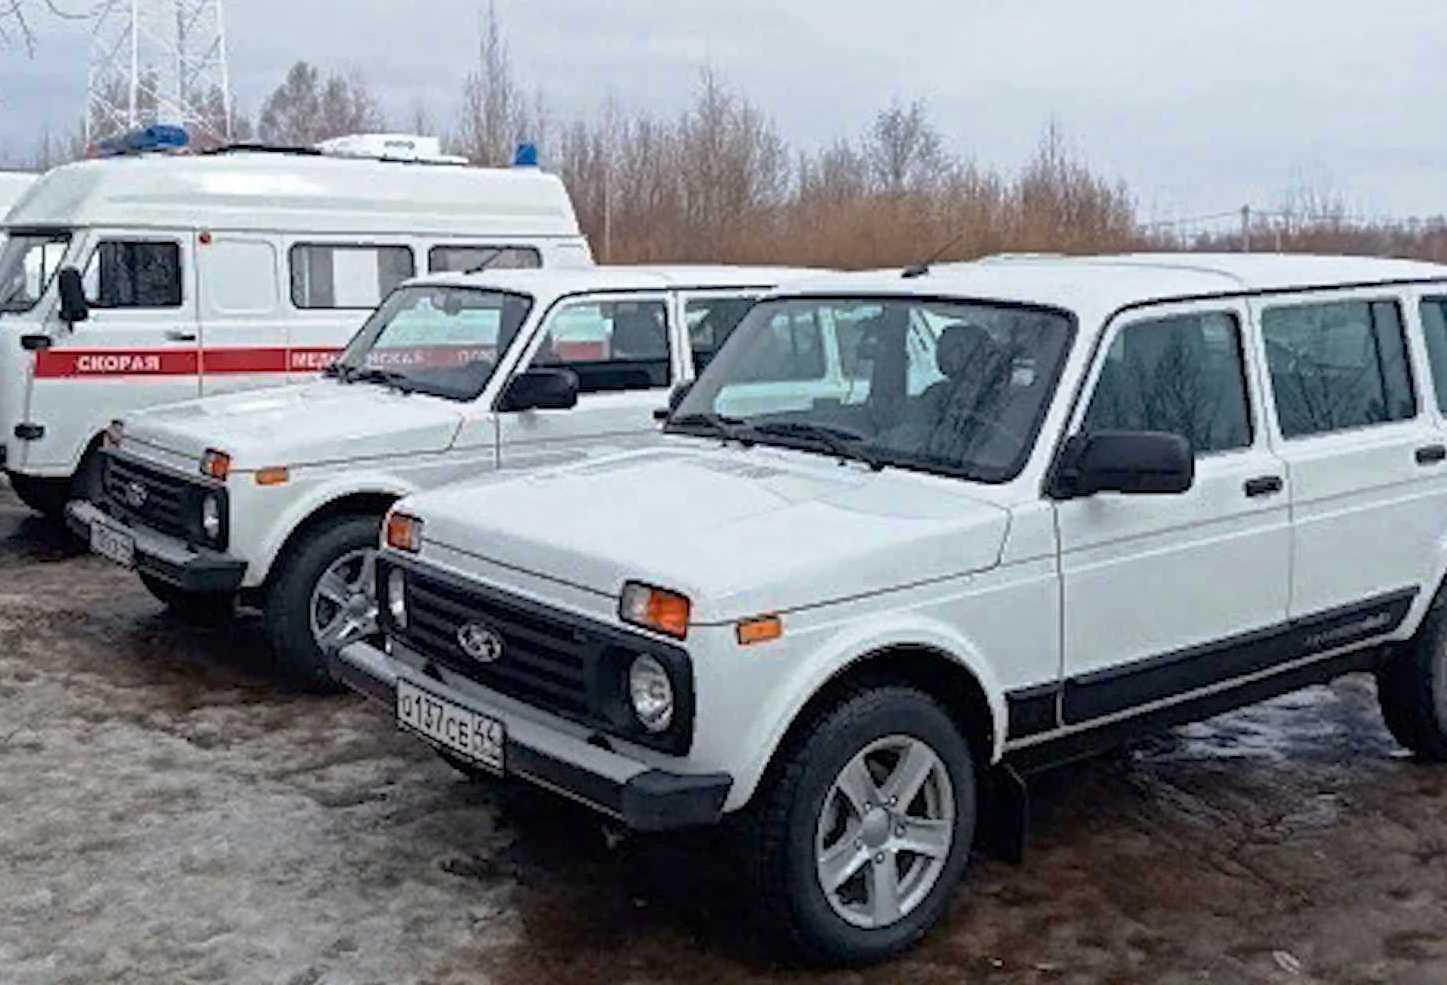 менее часа назад                                                                                                                                                                                                                                                                                               Больница в Костромской области получила две новых «Нивы»                                                                Транспорт прибыл накануне в Сусанинскую районную больницу.